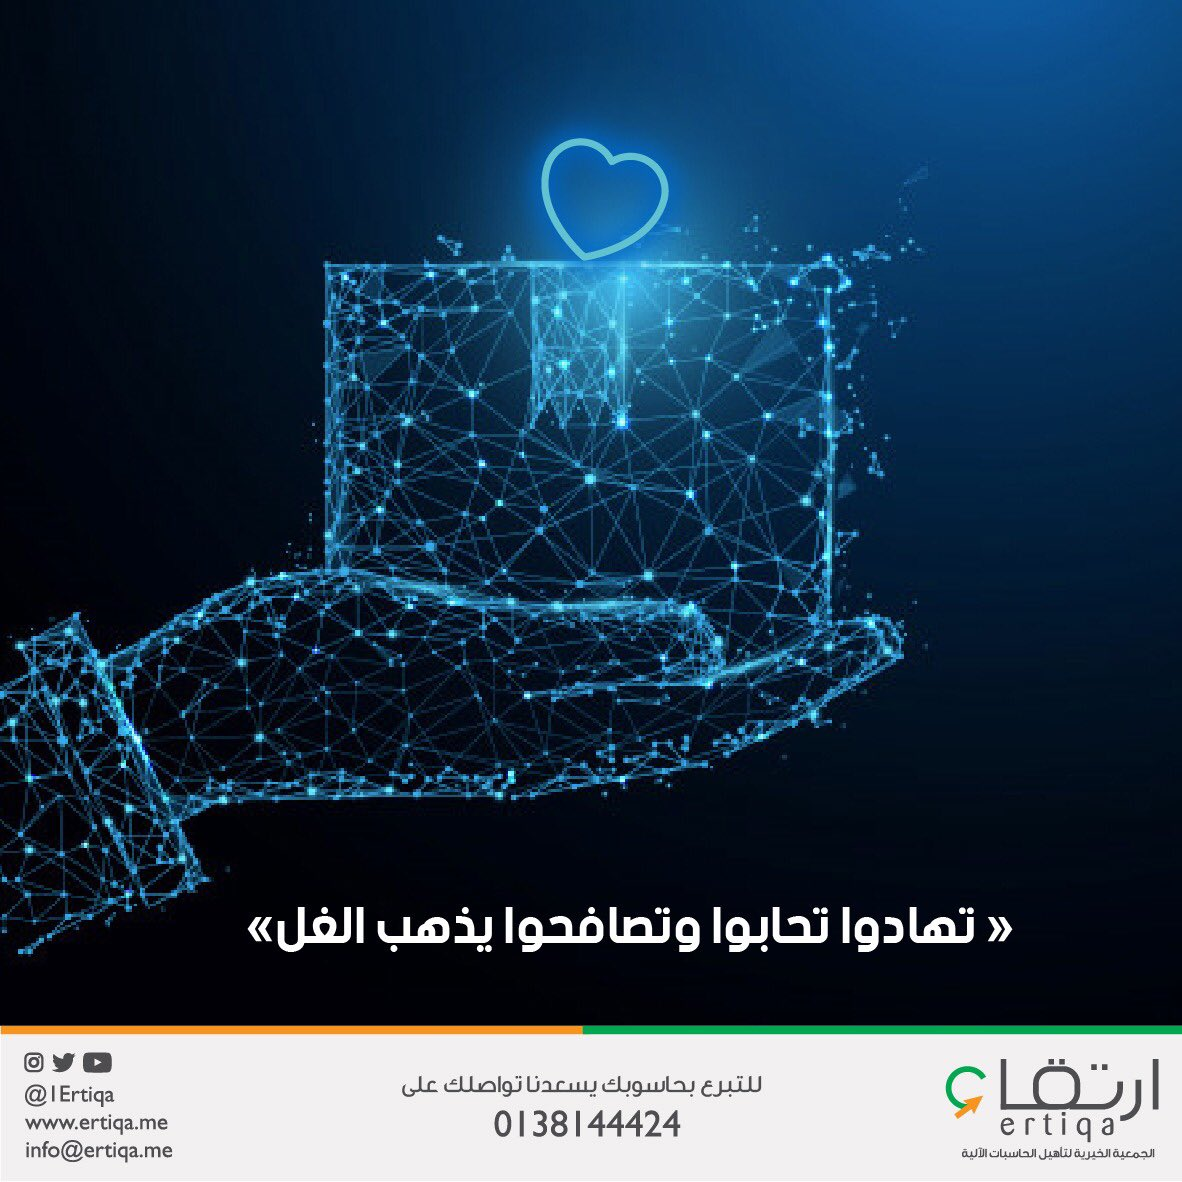 #جمعة_مباركة https://t.co/yk2uqXXllB